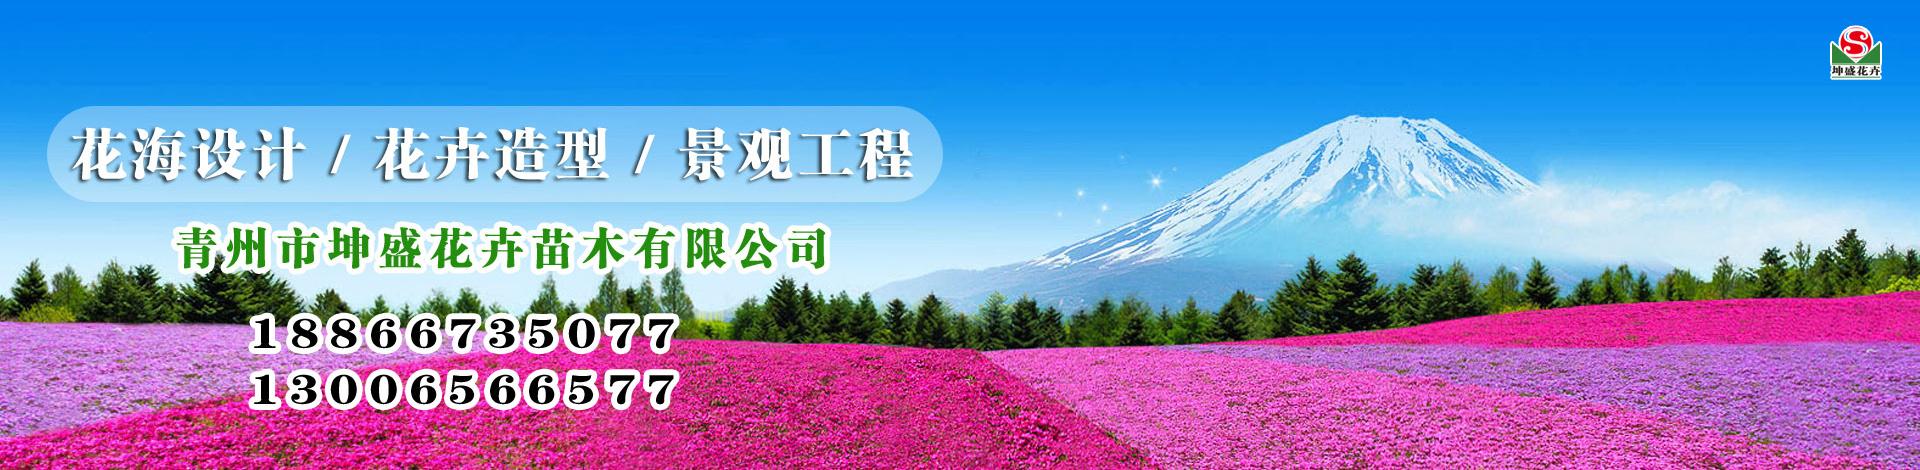 青州市坤盛花卉苗木有限公司